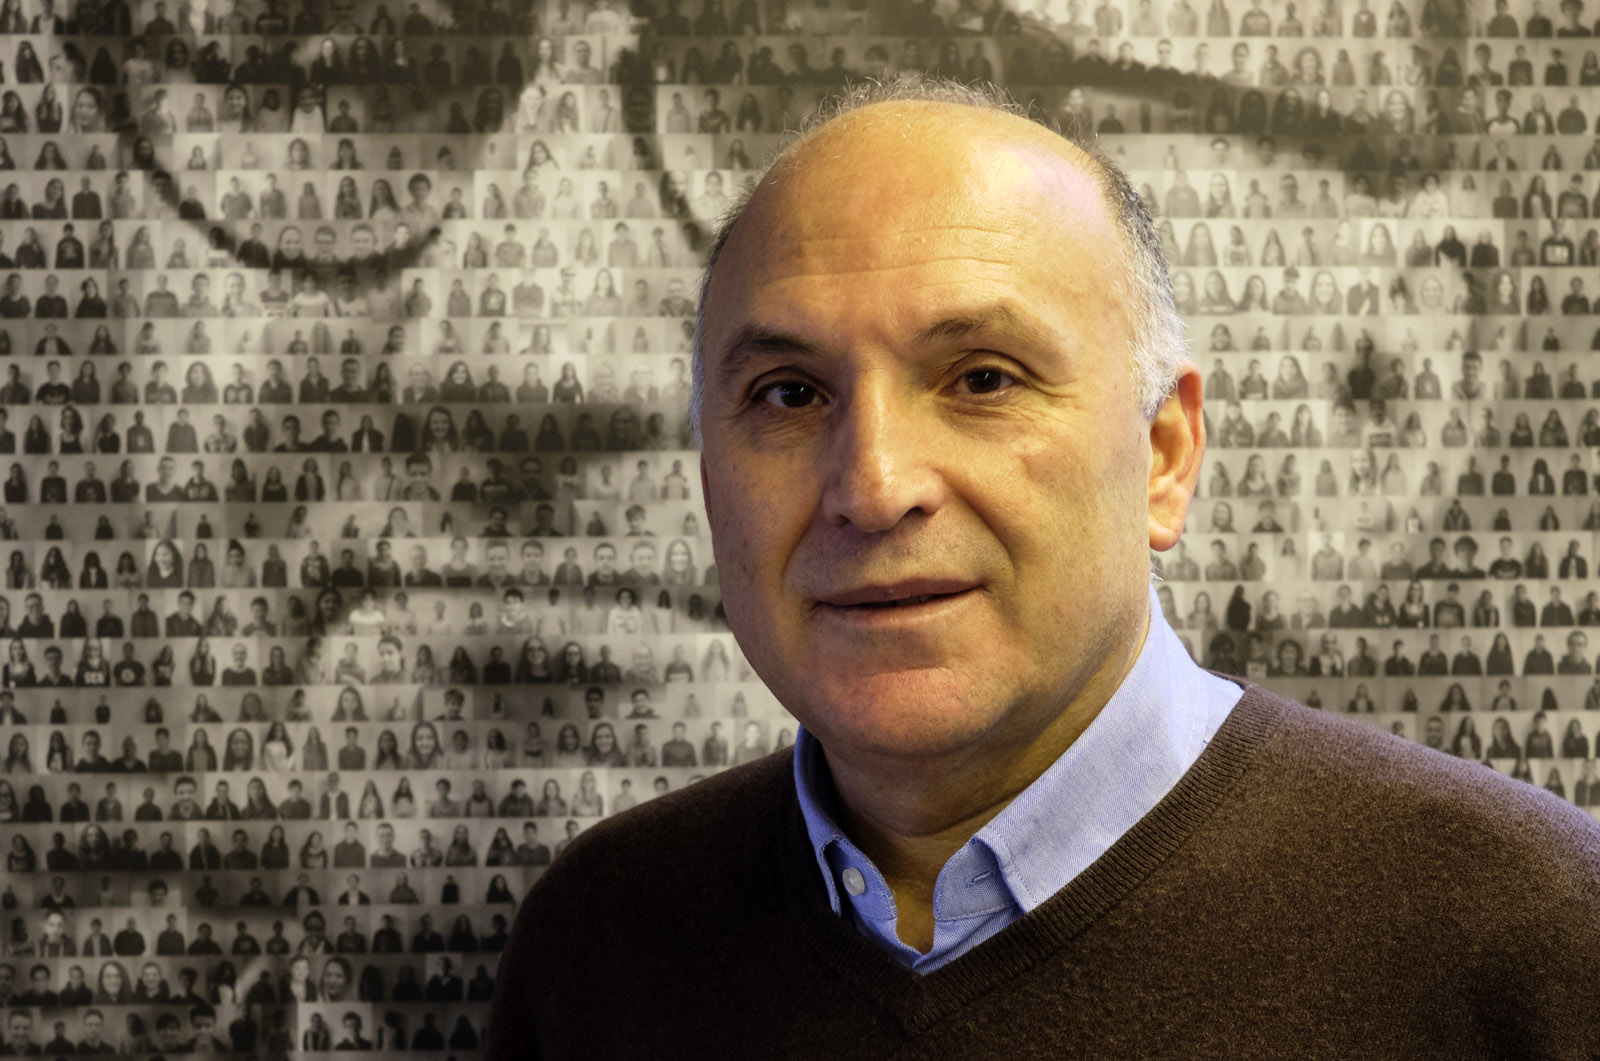 Porträt: Mann mittleren Alters mit wenigen, sehr kurzen Haaren. Aus einem dunkelbraunen Pullover schaut der Kragen eines hellblauen Hemdes hervor